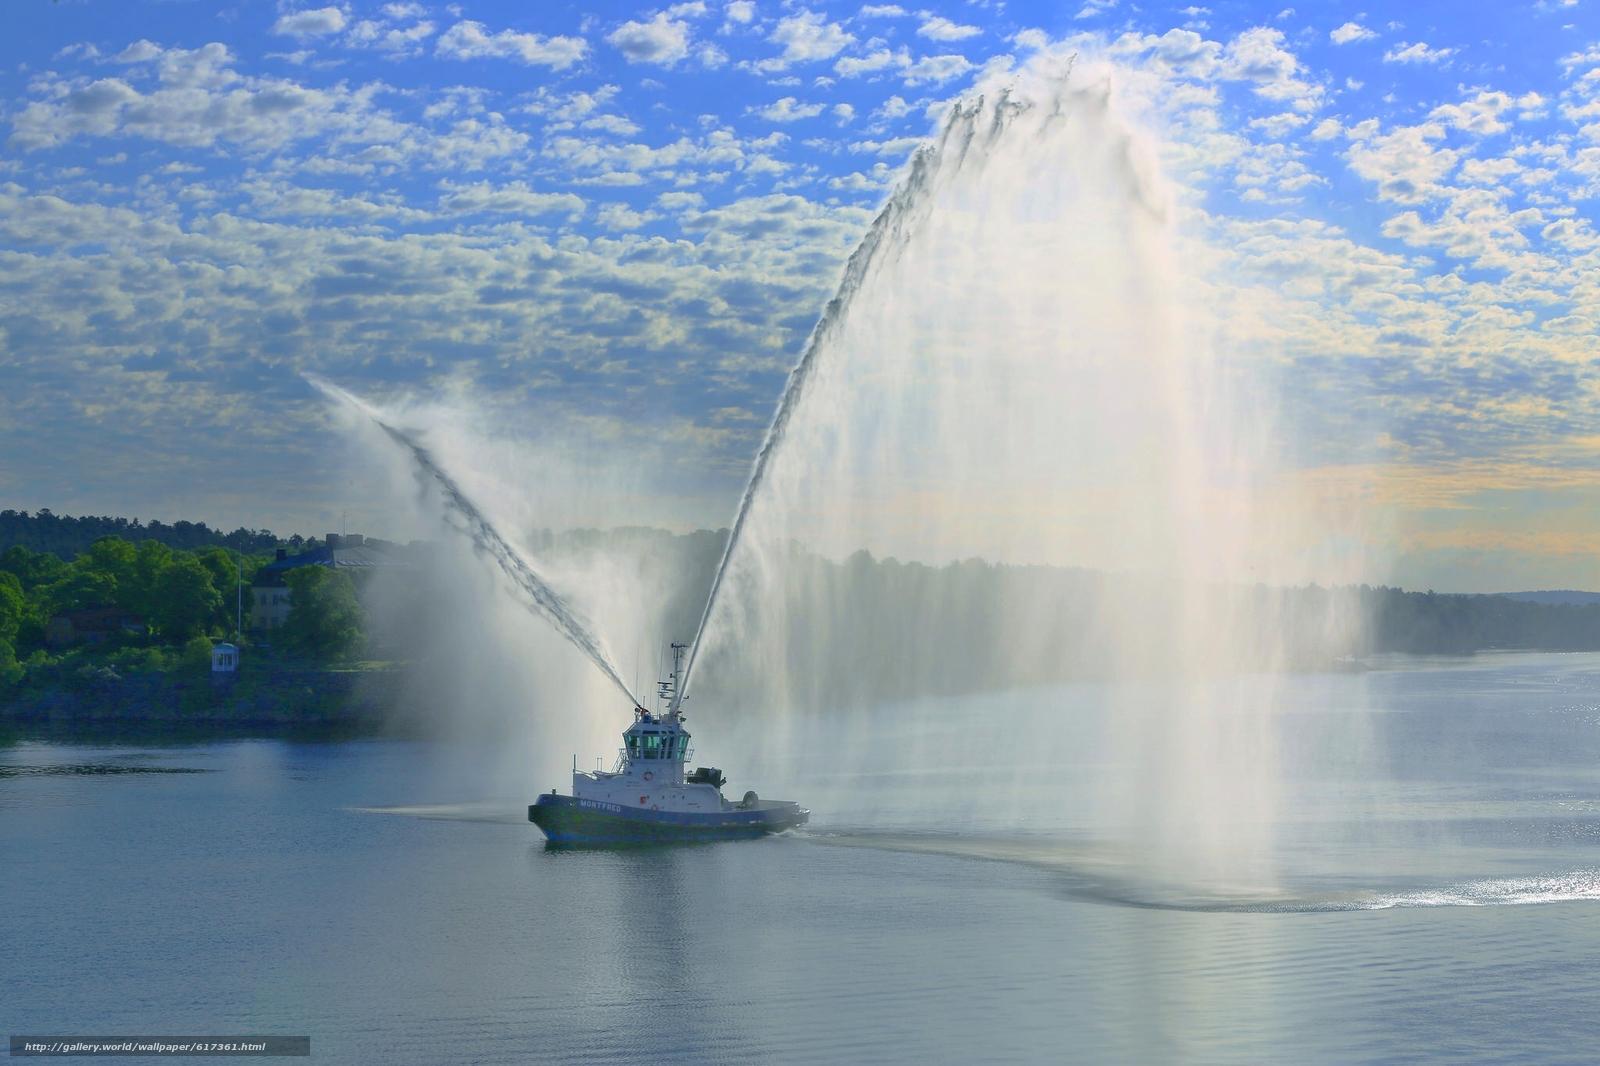 Stockholm, Sweden, Стокгольм, Швеция, буксир, водомёты, салют, фонтан, порт